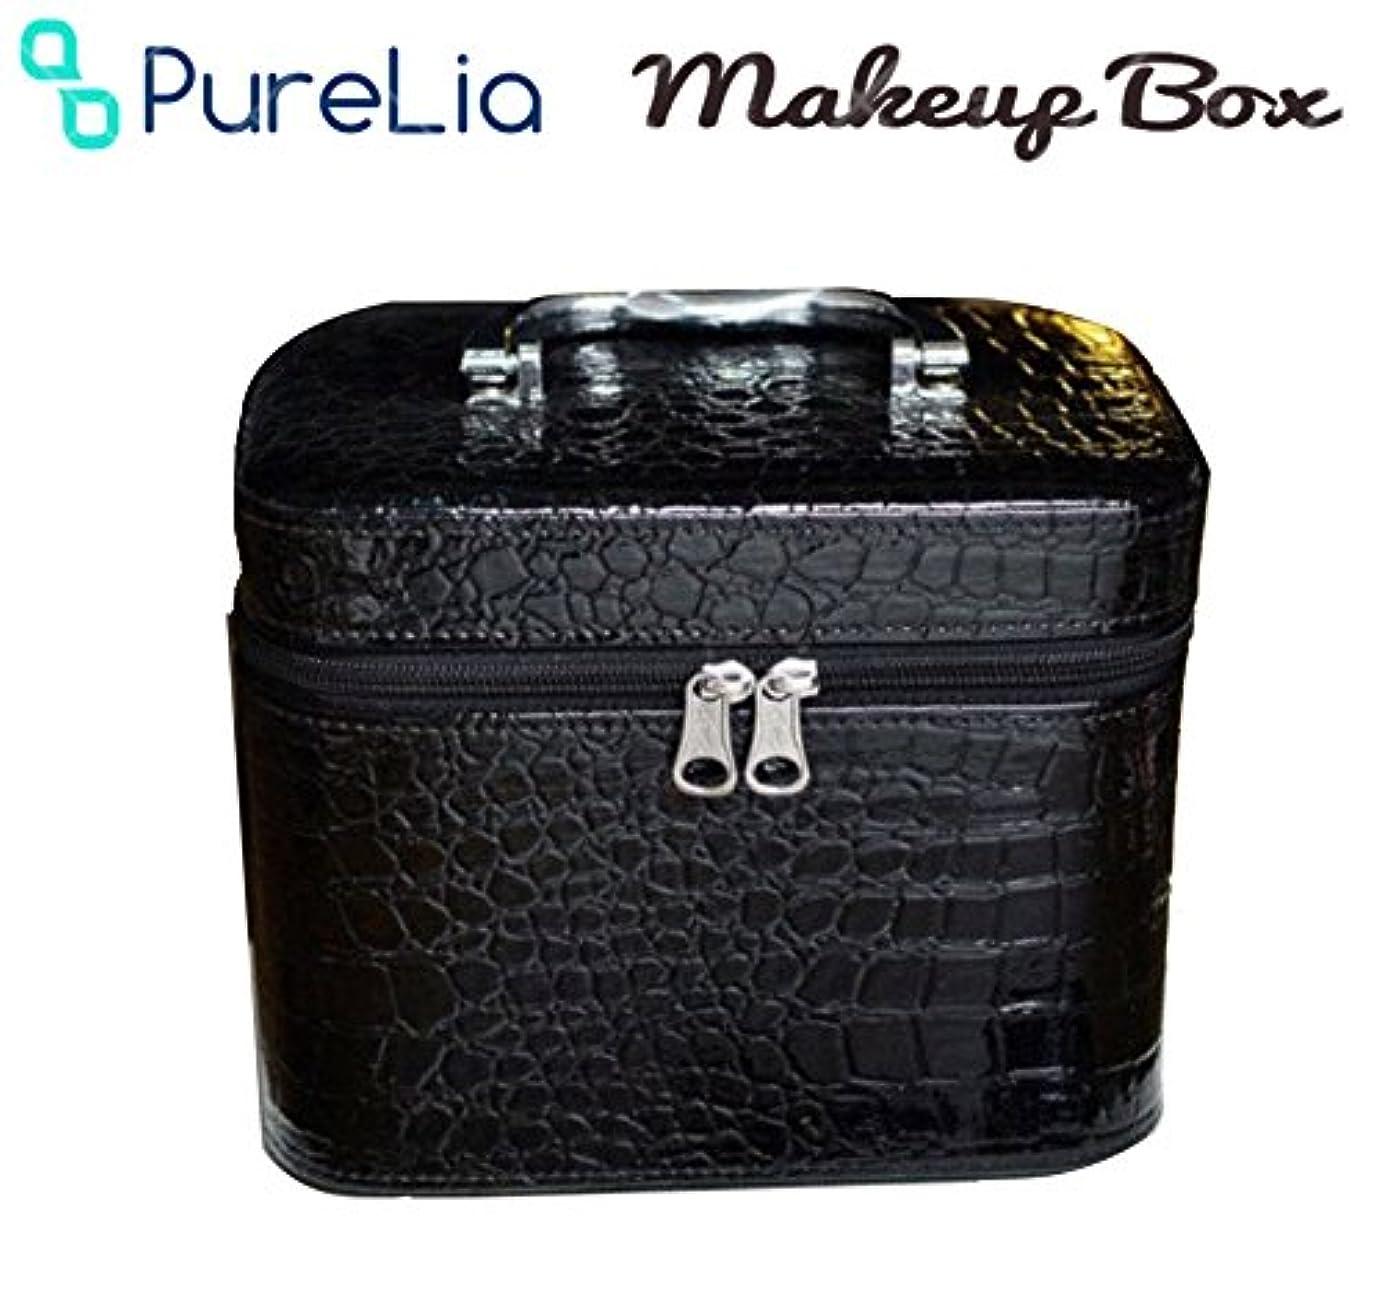 頼るカッター甘いPureLia ピュアリア メイクボックス 鏡付き レザー クロコ柄 高級 小物 コスメ 化粧 収納 ボックス (ブラック)